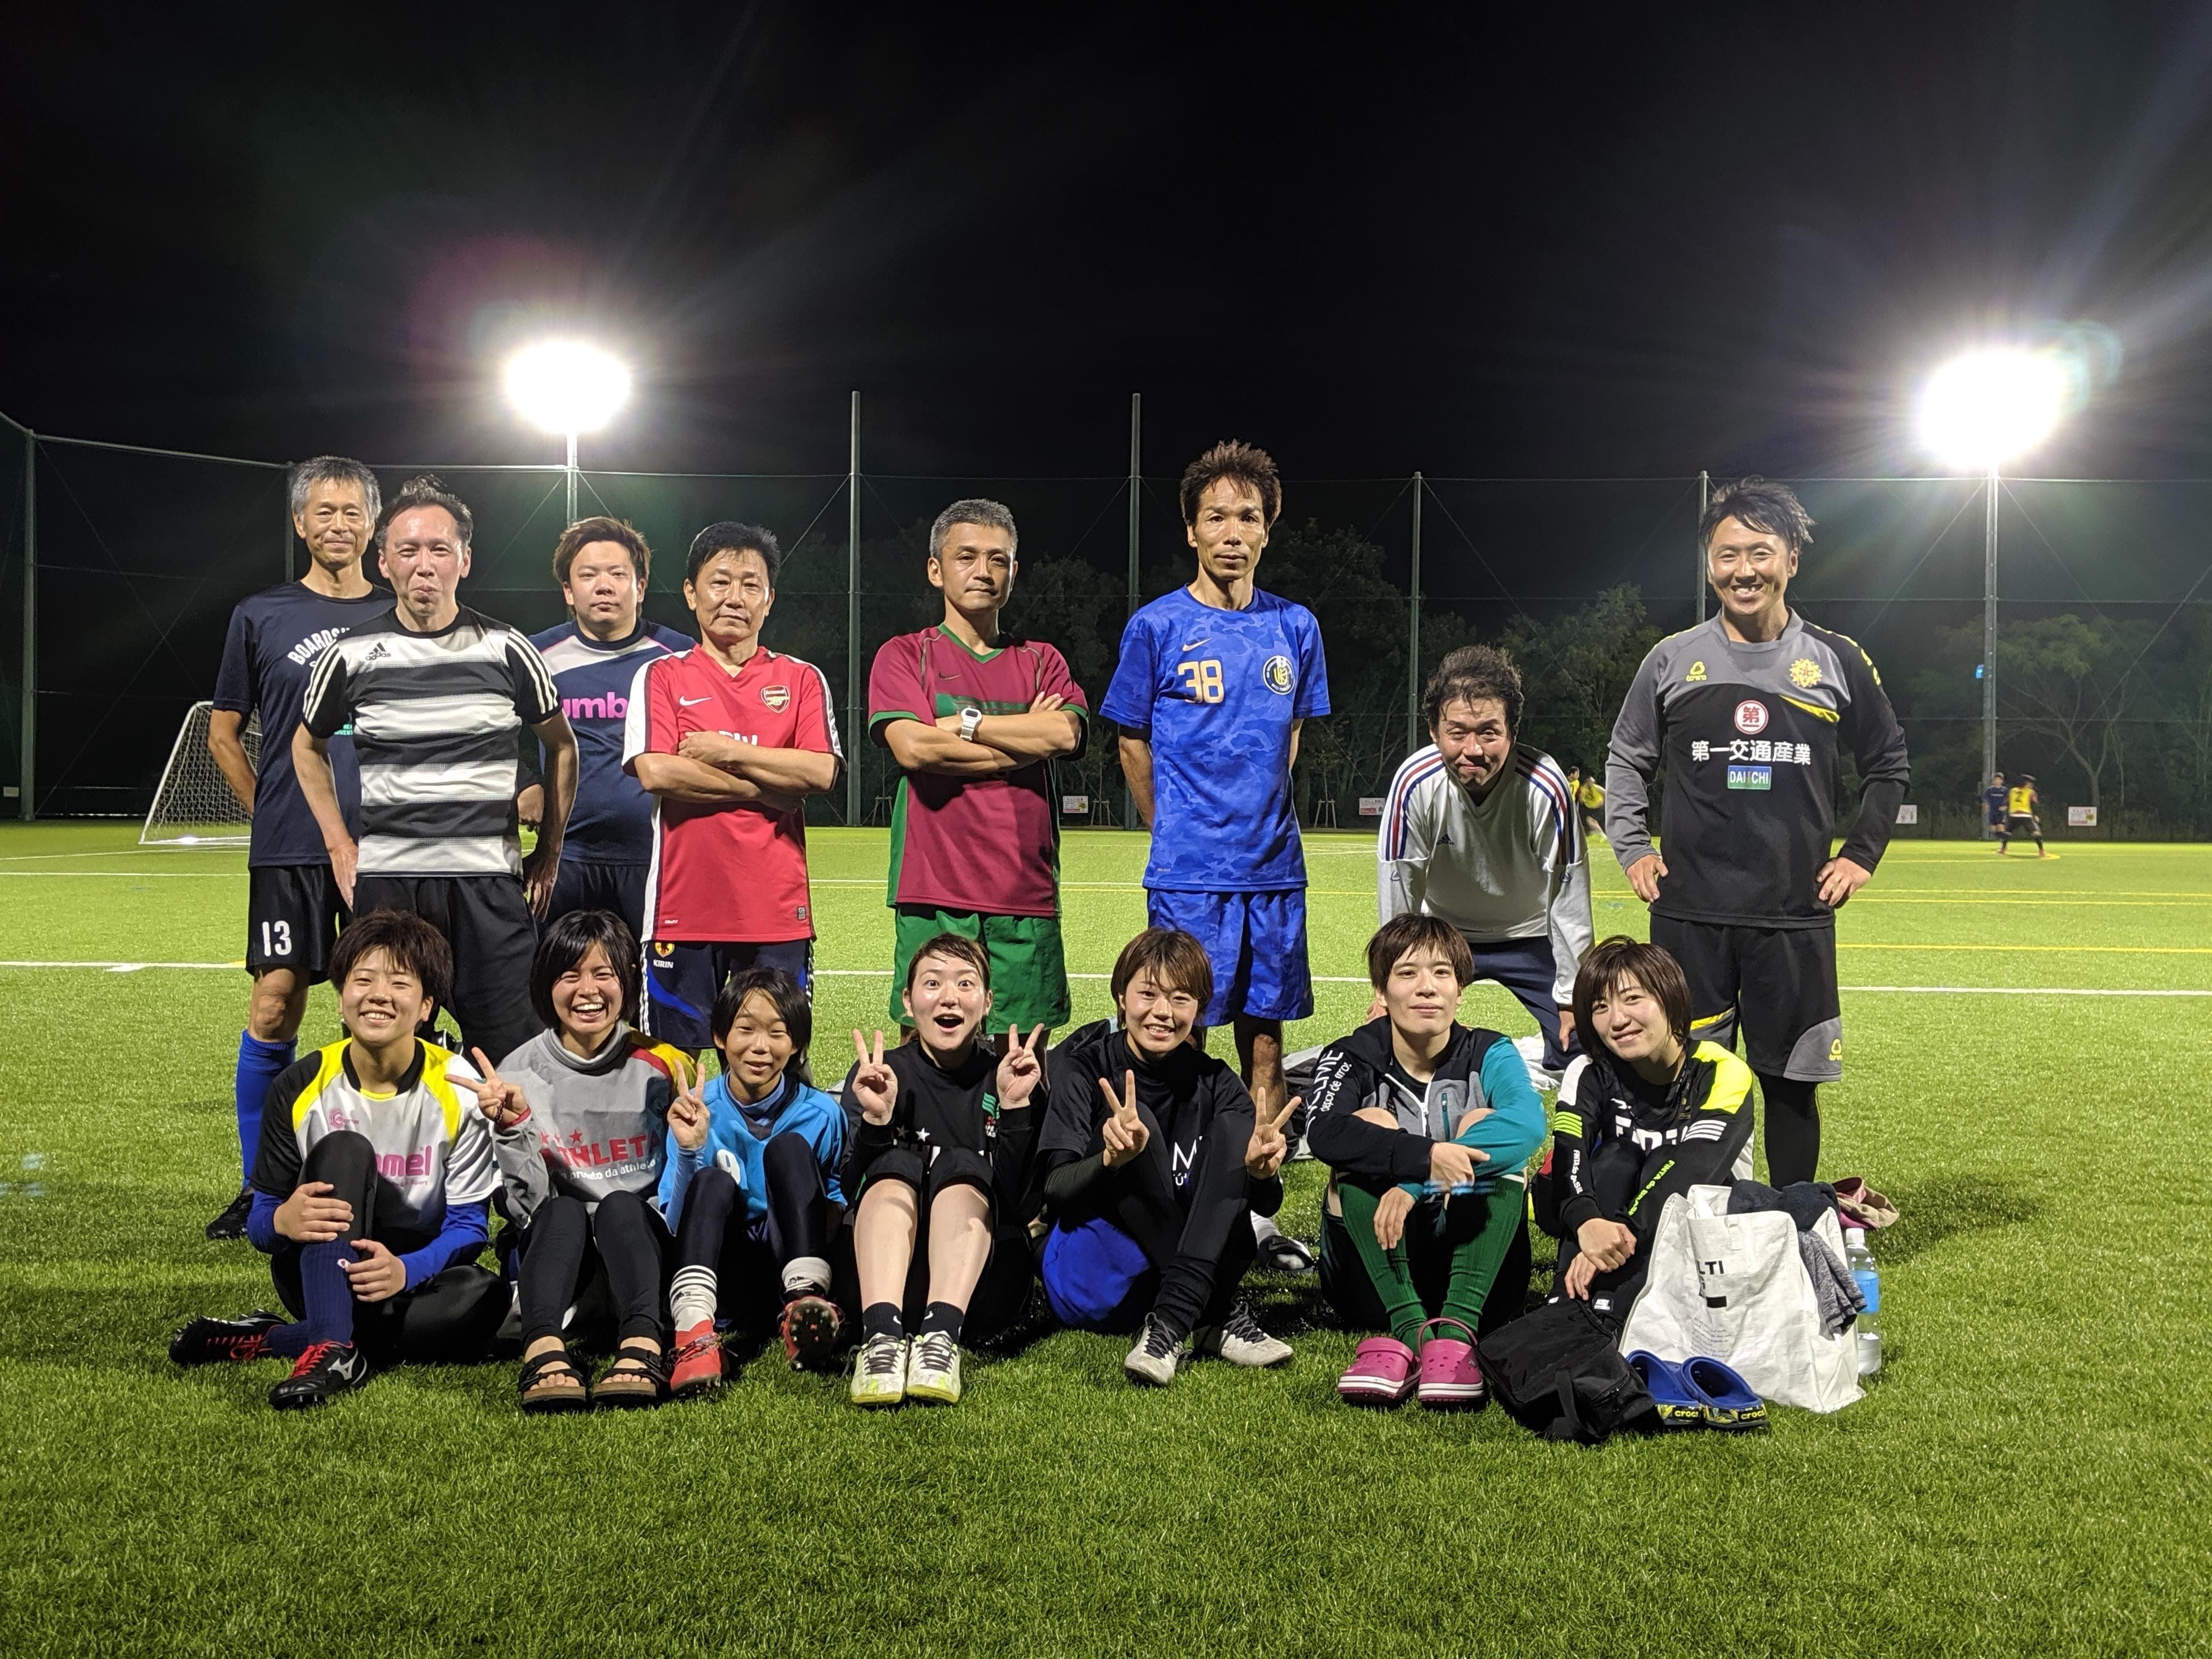 10月12日サッカー練習試合